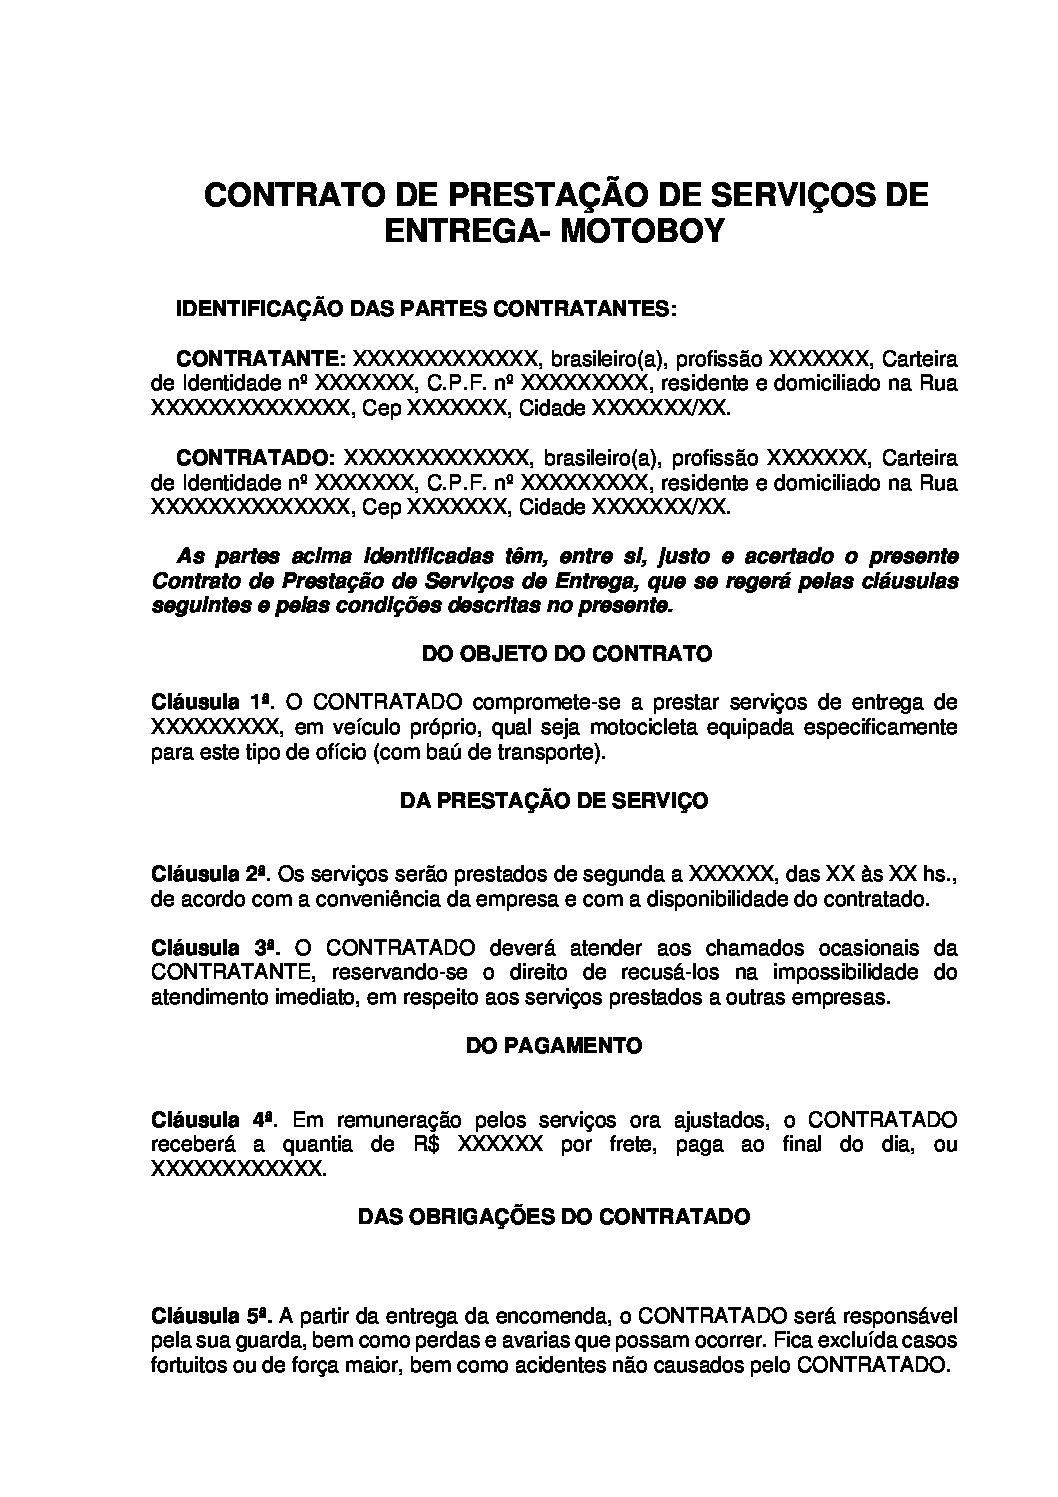 Contrato de Prestação de Serviços de Entrega – Motoboy